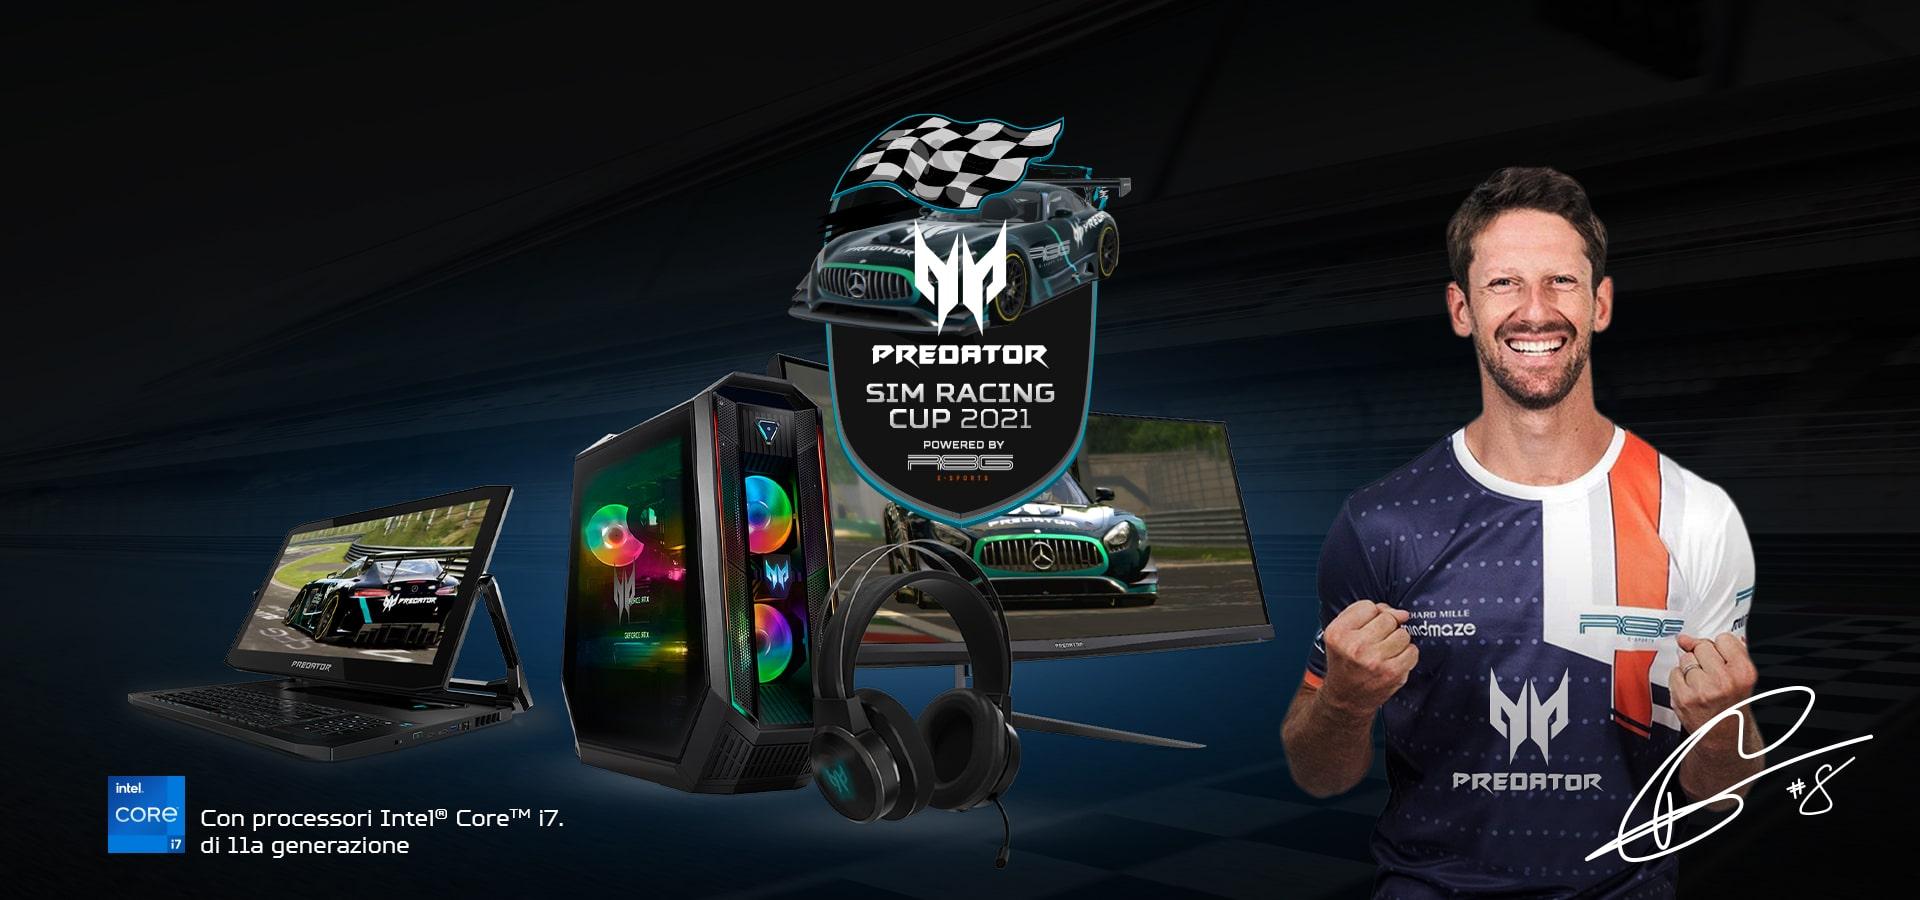 Acer Predator Cup: la competizione per gli appassionati motorsport thumbnail